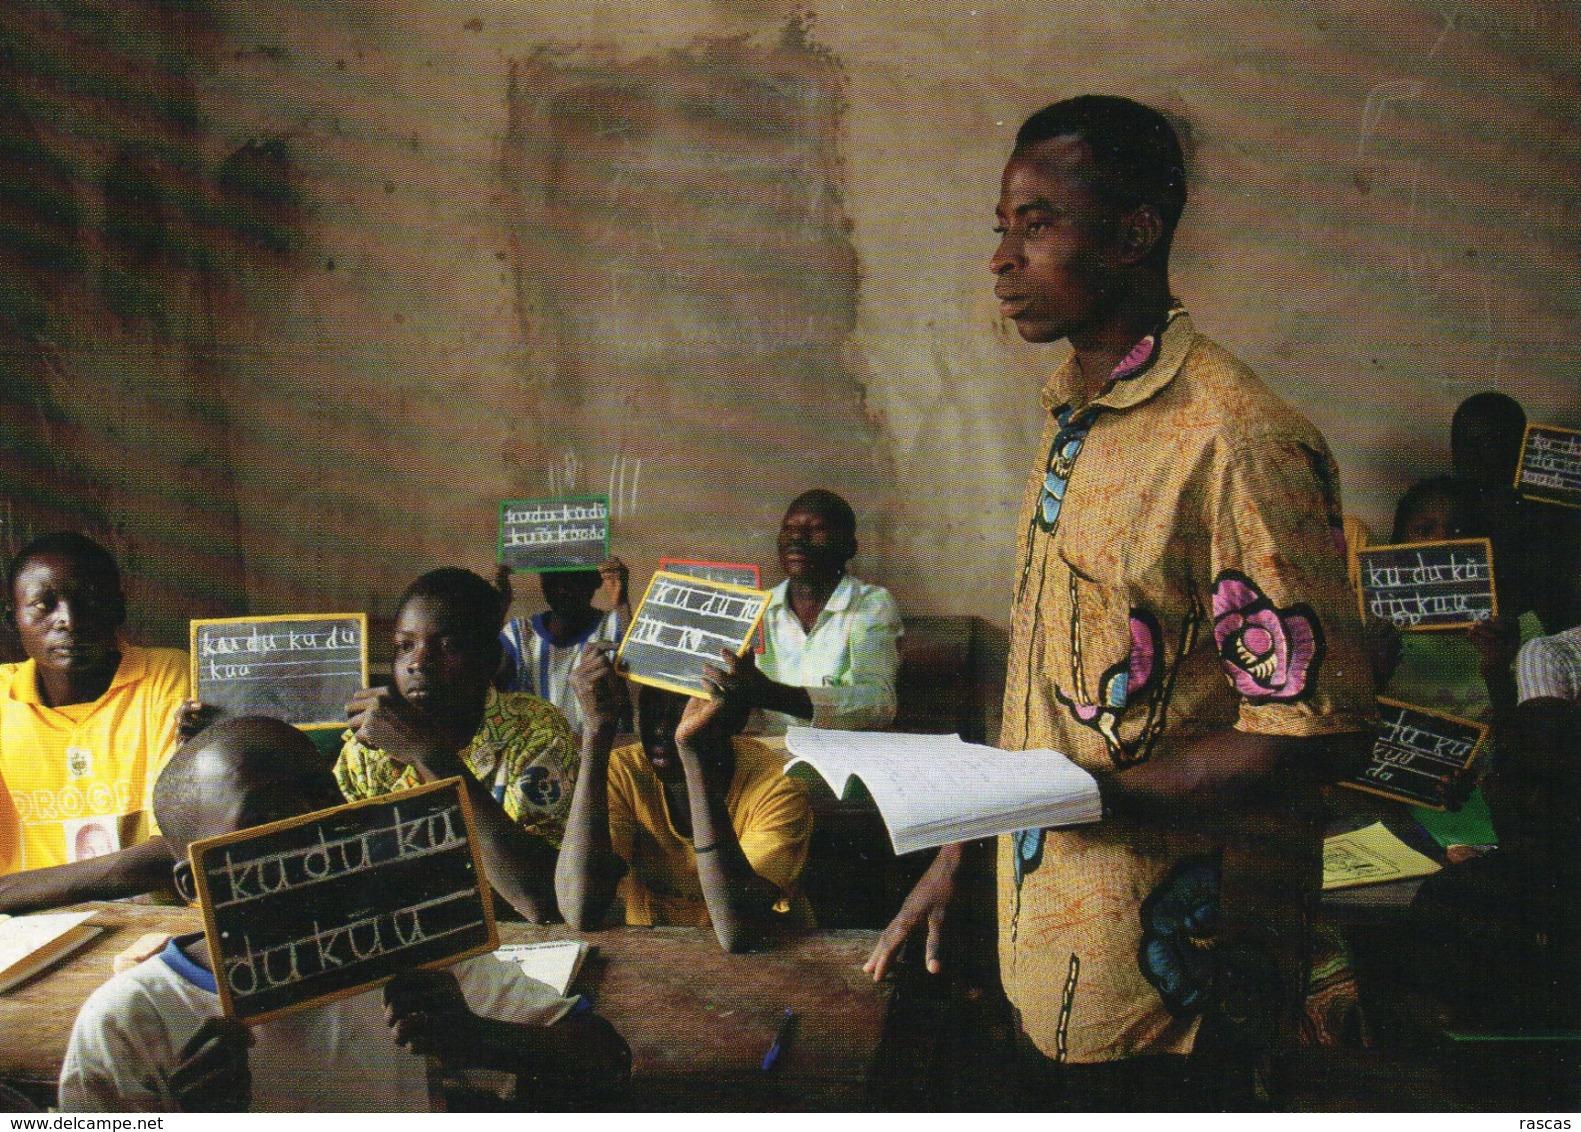 CPM - M - BURKINA FASO 2011 - COURS D'ALPHABETISATION POUR ADULTES - VILLAGE DE BEODOGO - OBJECTIF DEVELOPPEMENT - Burkina Faso